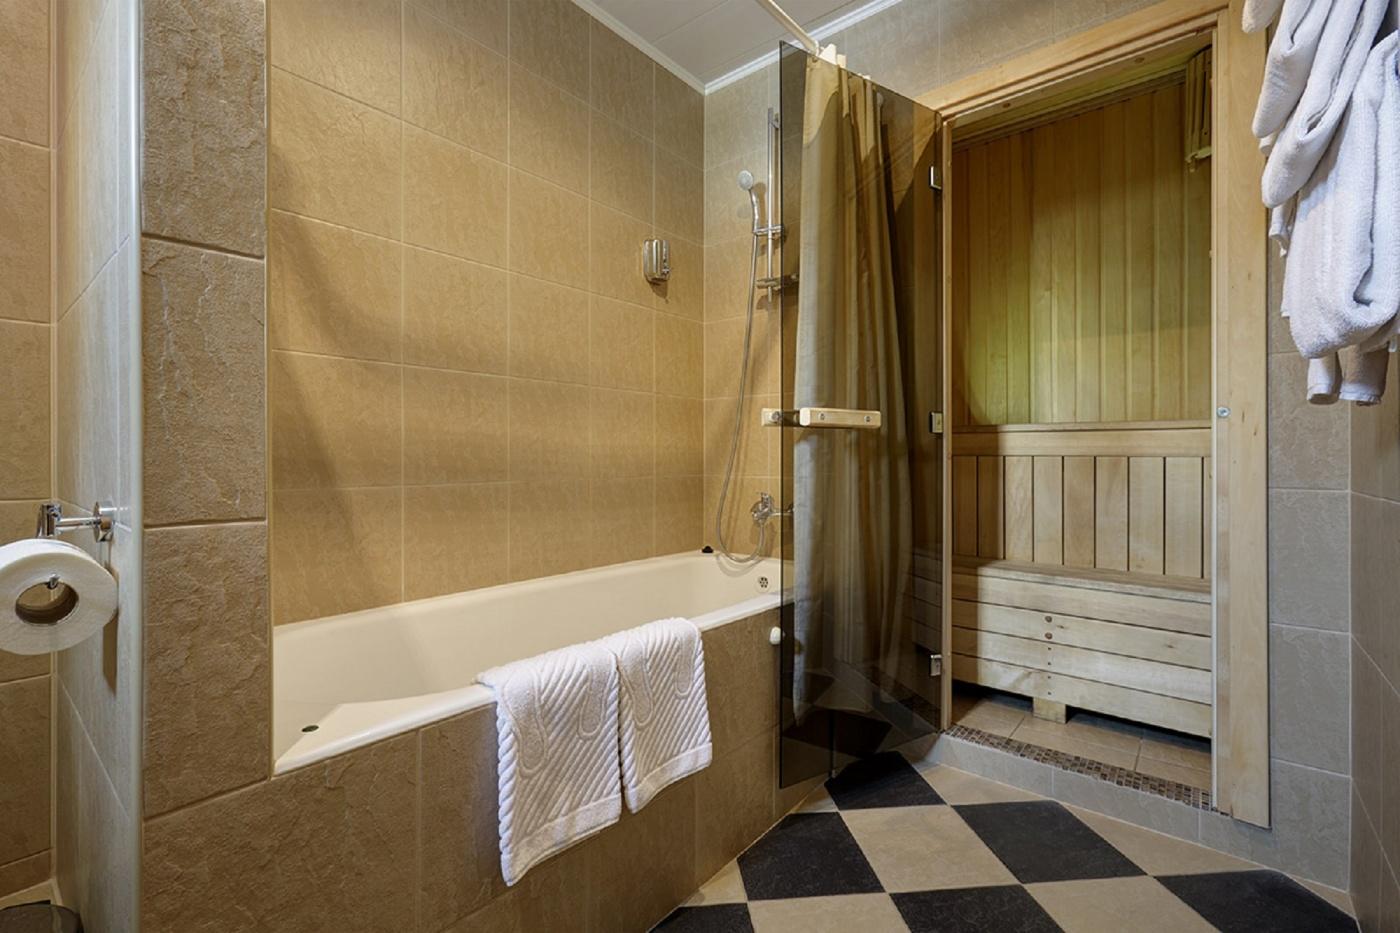 Загородный отель «Valesko Hotel & Spa» Московская область Коттедж №2 двухэтажный 8-местный, фото 7